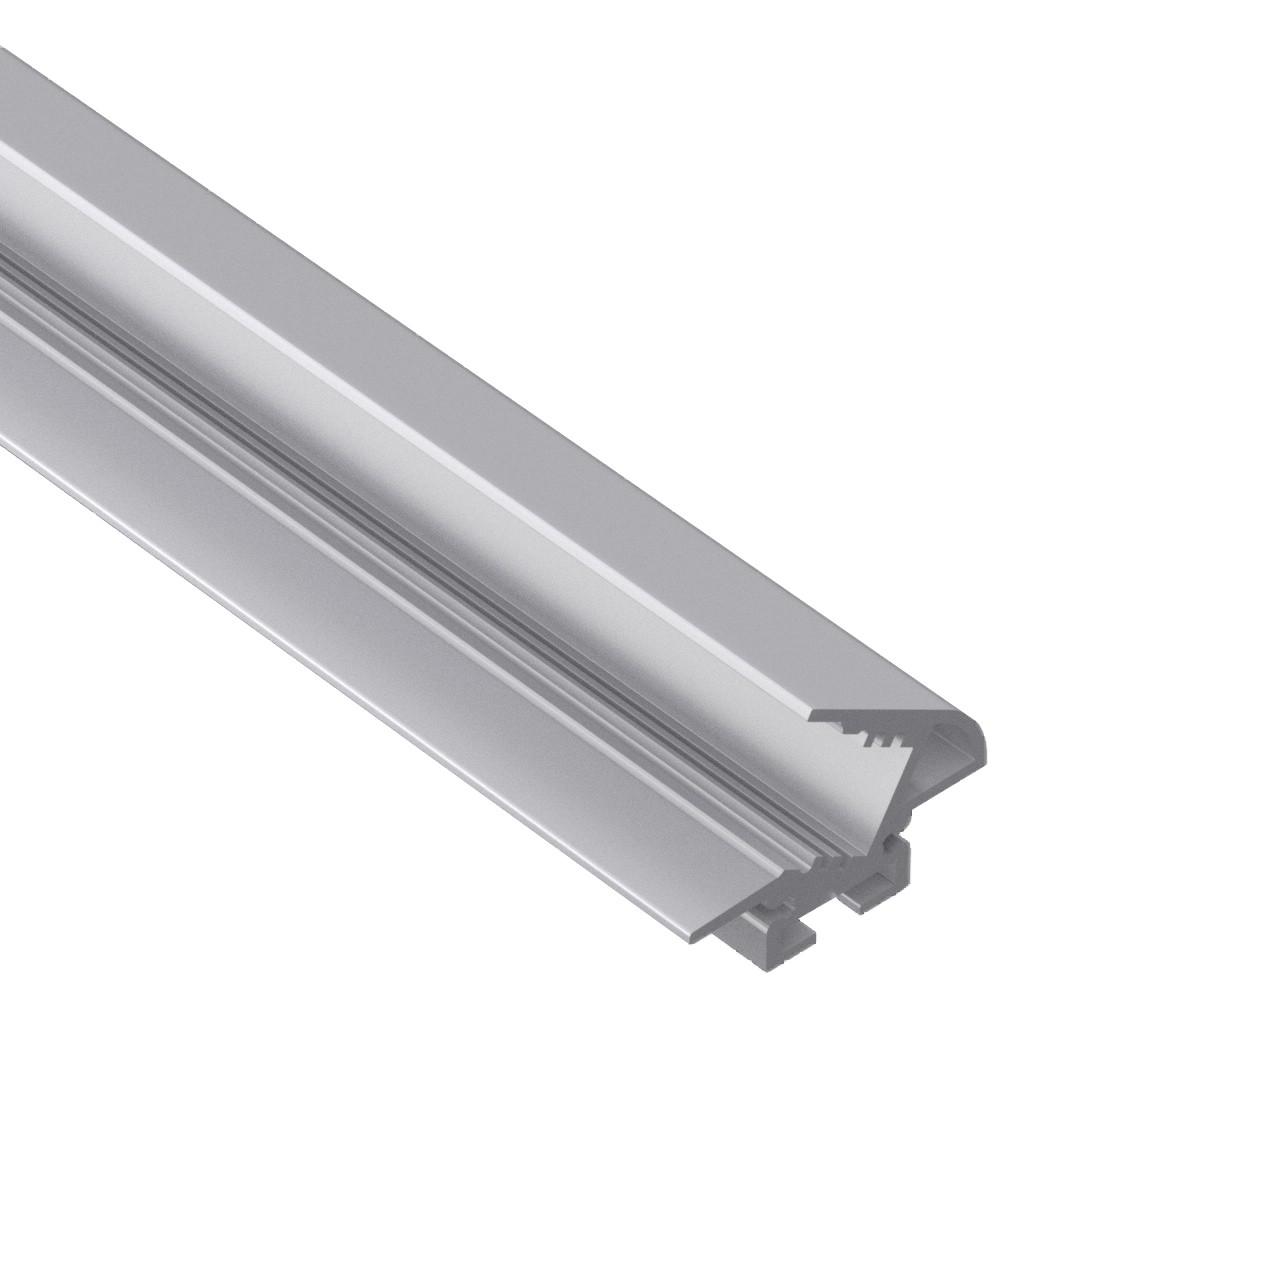 AW6 Einbauleuchten Led Aluminium-Profil